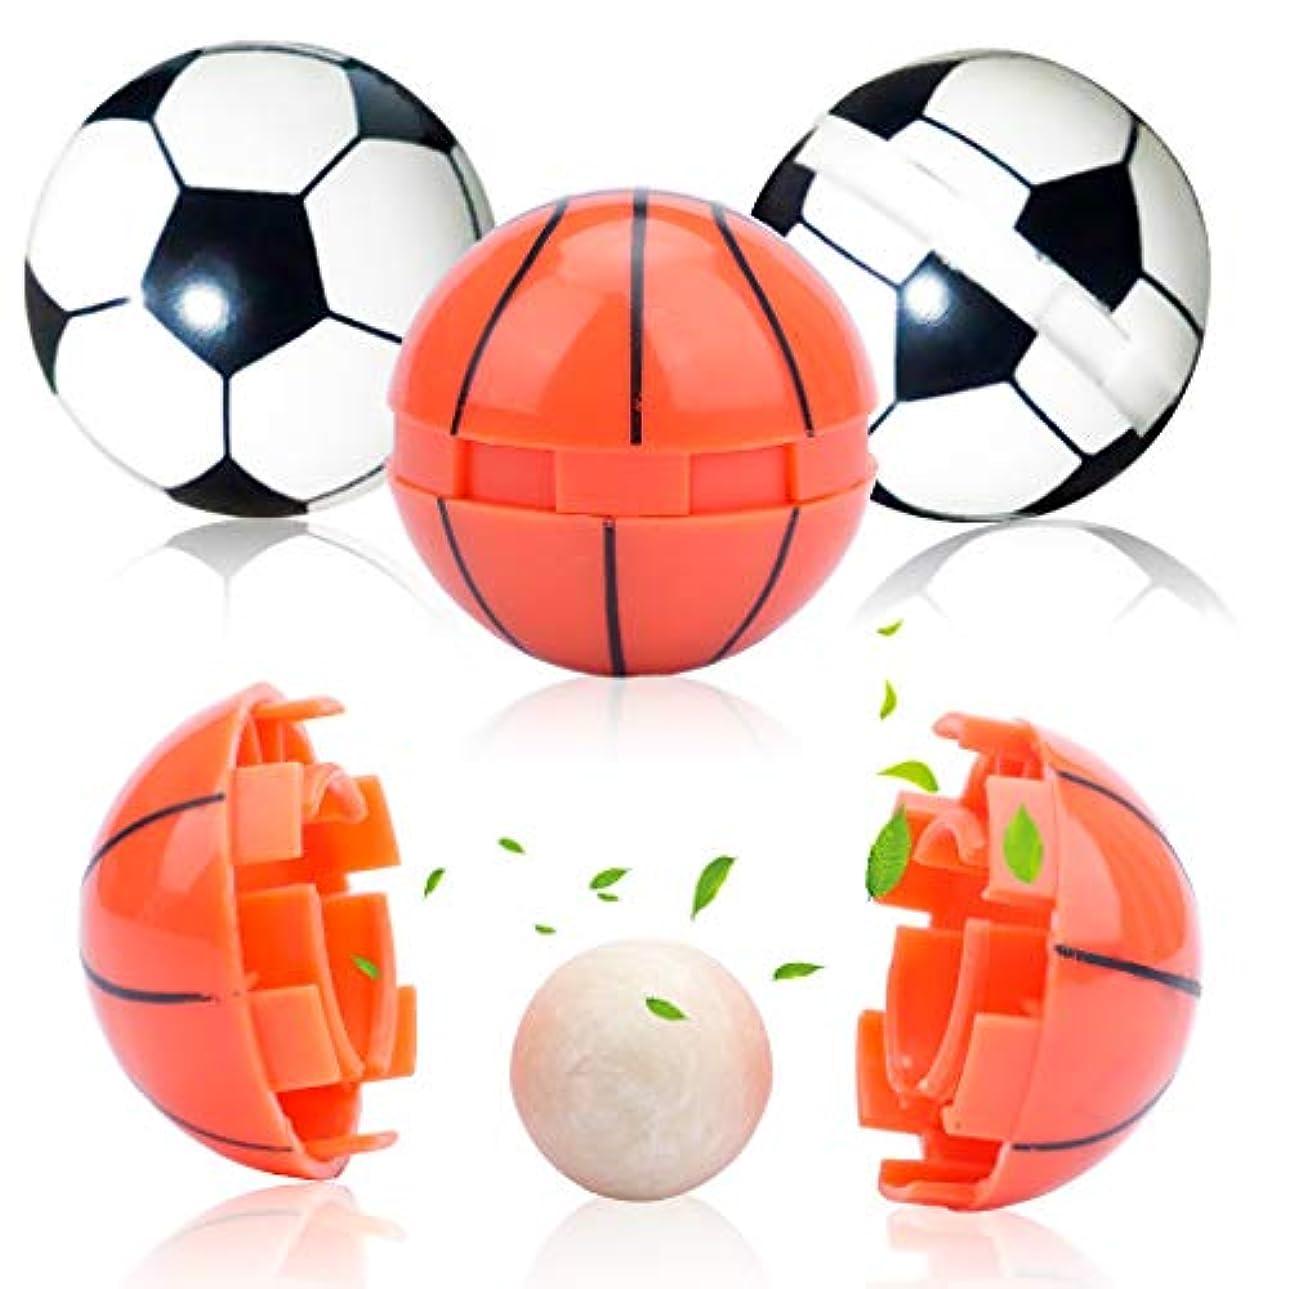 売上高あたたかい地域のAmycute アロマ アロマボール 香り玉 4点セット (18mm)750g 丸型 サッカー&バスケットボールデザイン 香りが長続き